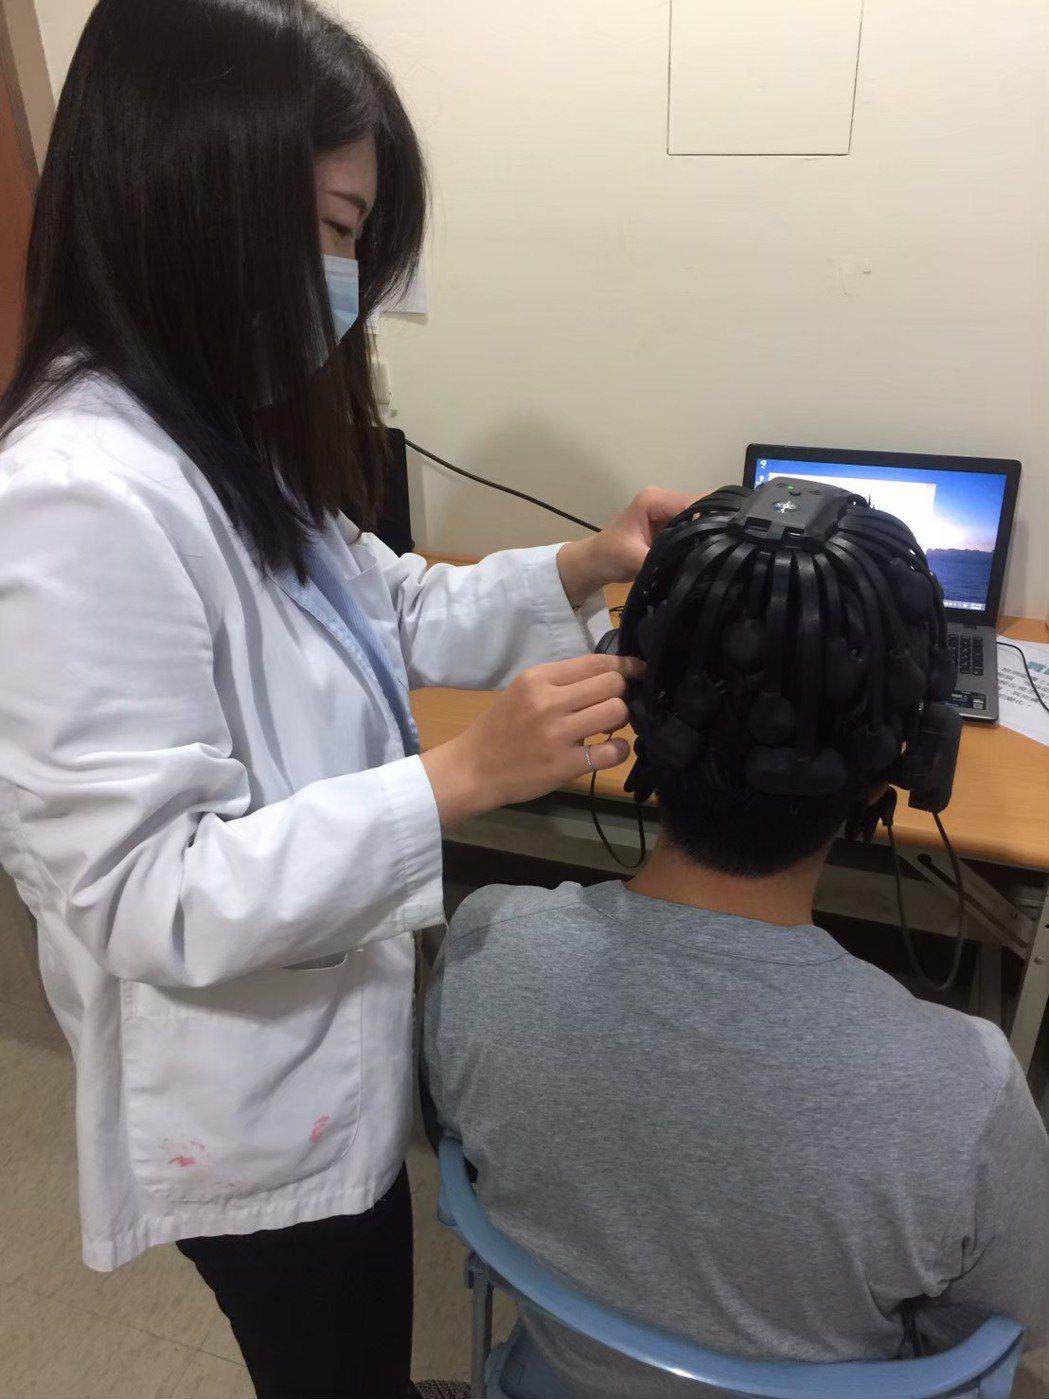 患者戴上多頻道腦波帽,檢查腦內神經細胞活動時所產生的電氣,可評估阿茲海默症。圖/...